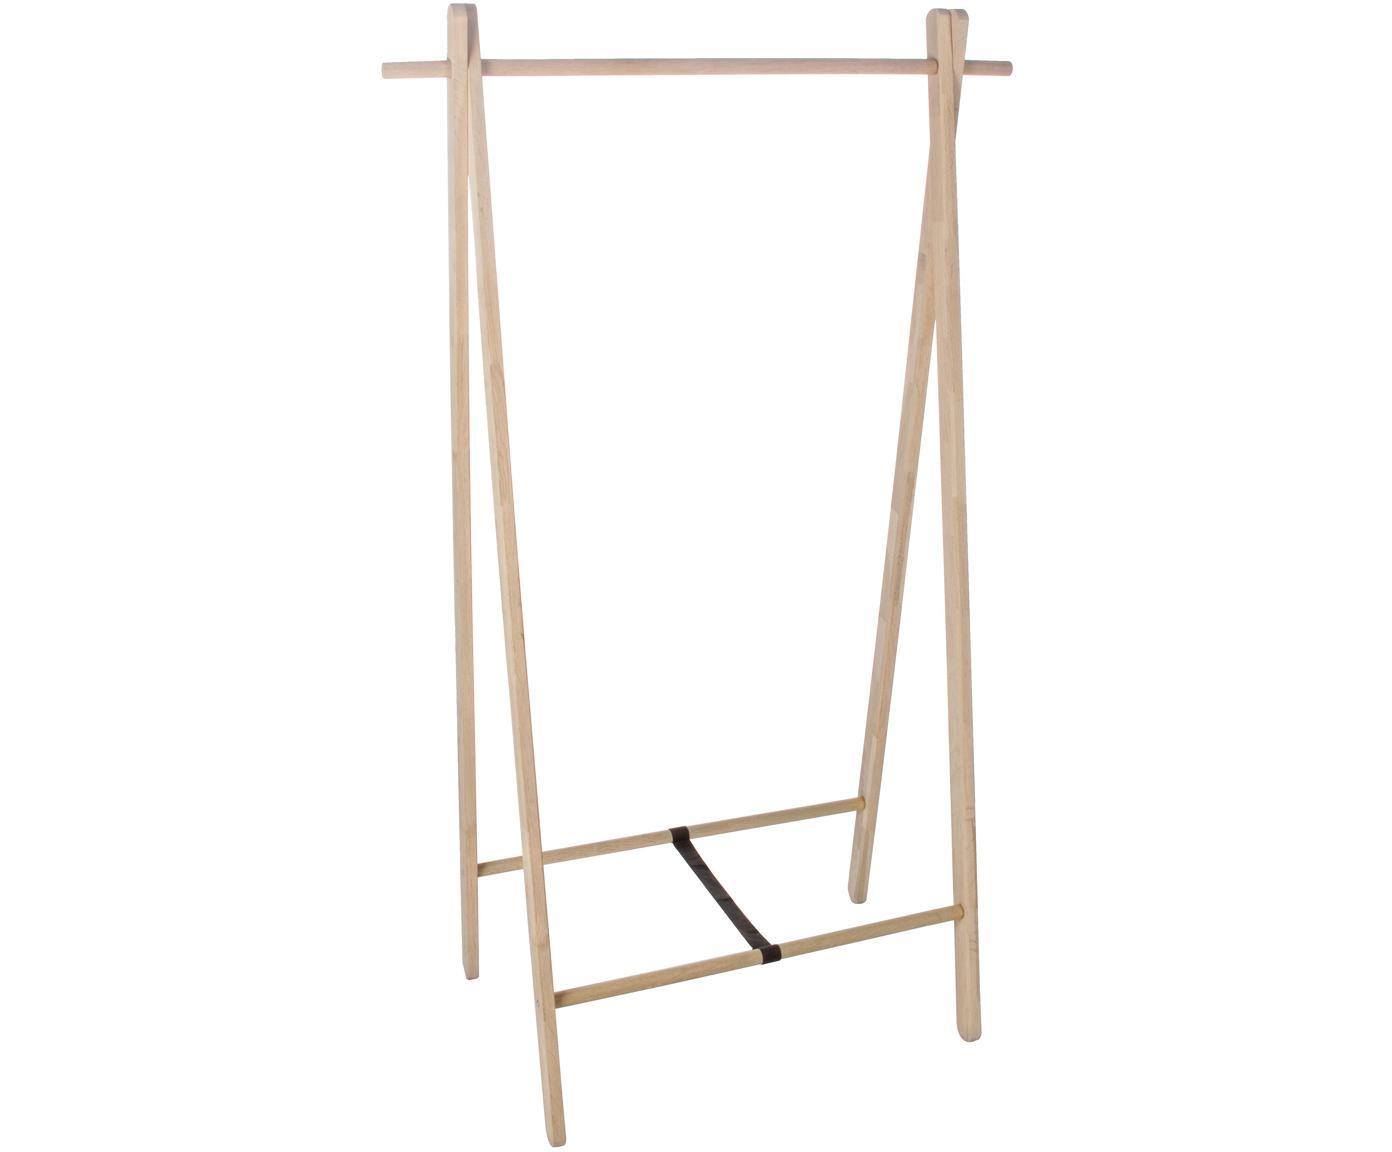 Burro de madera Stand, Marrón, An 89 x Al 151 cm